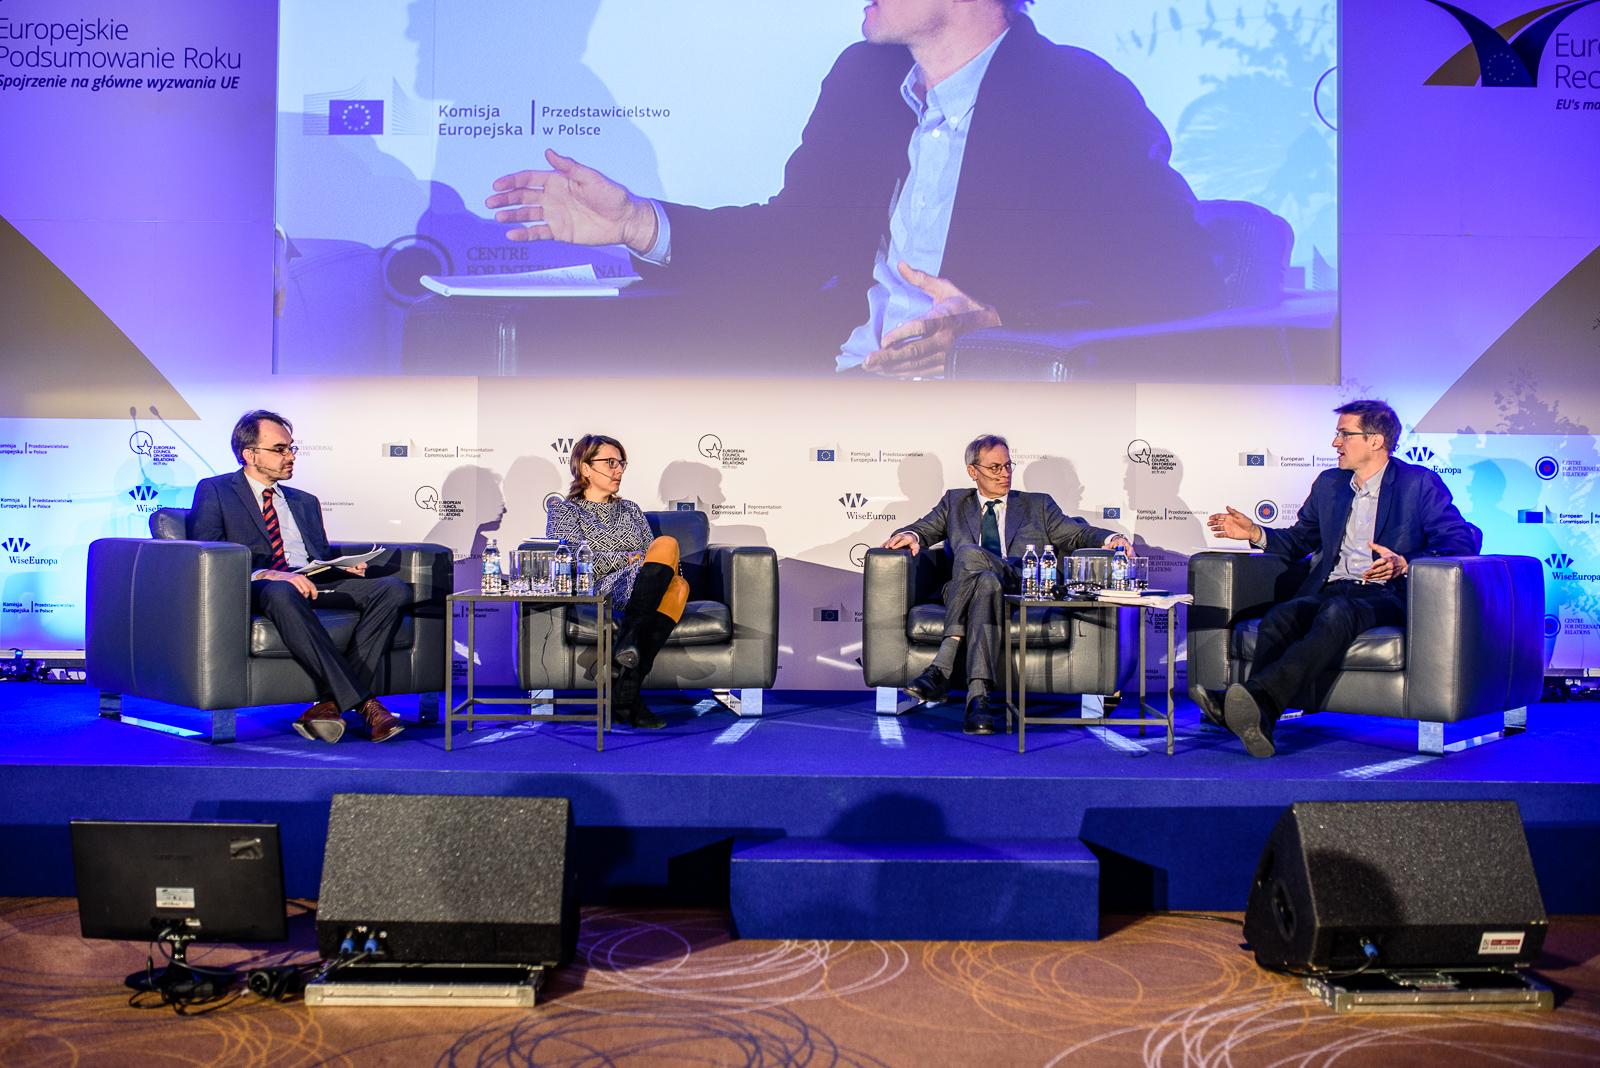 Kryzys migracyjny - test dla Europejskiej efektywności i solidarności?